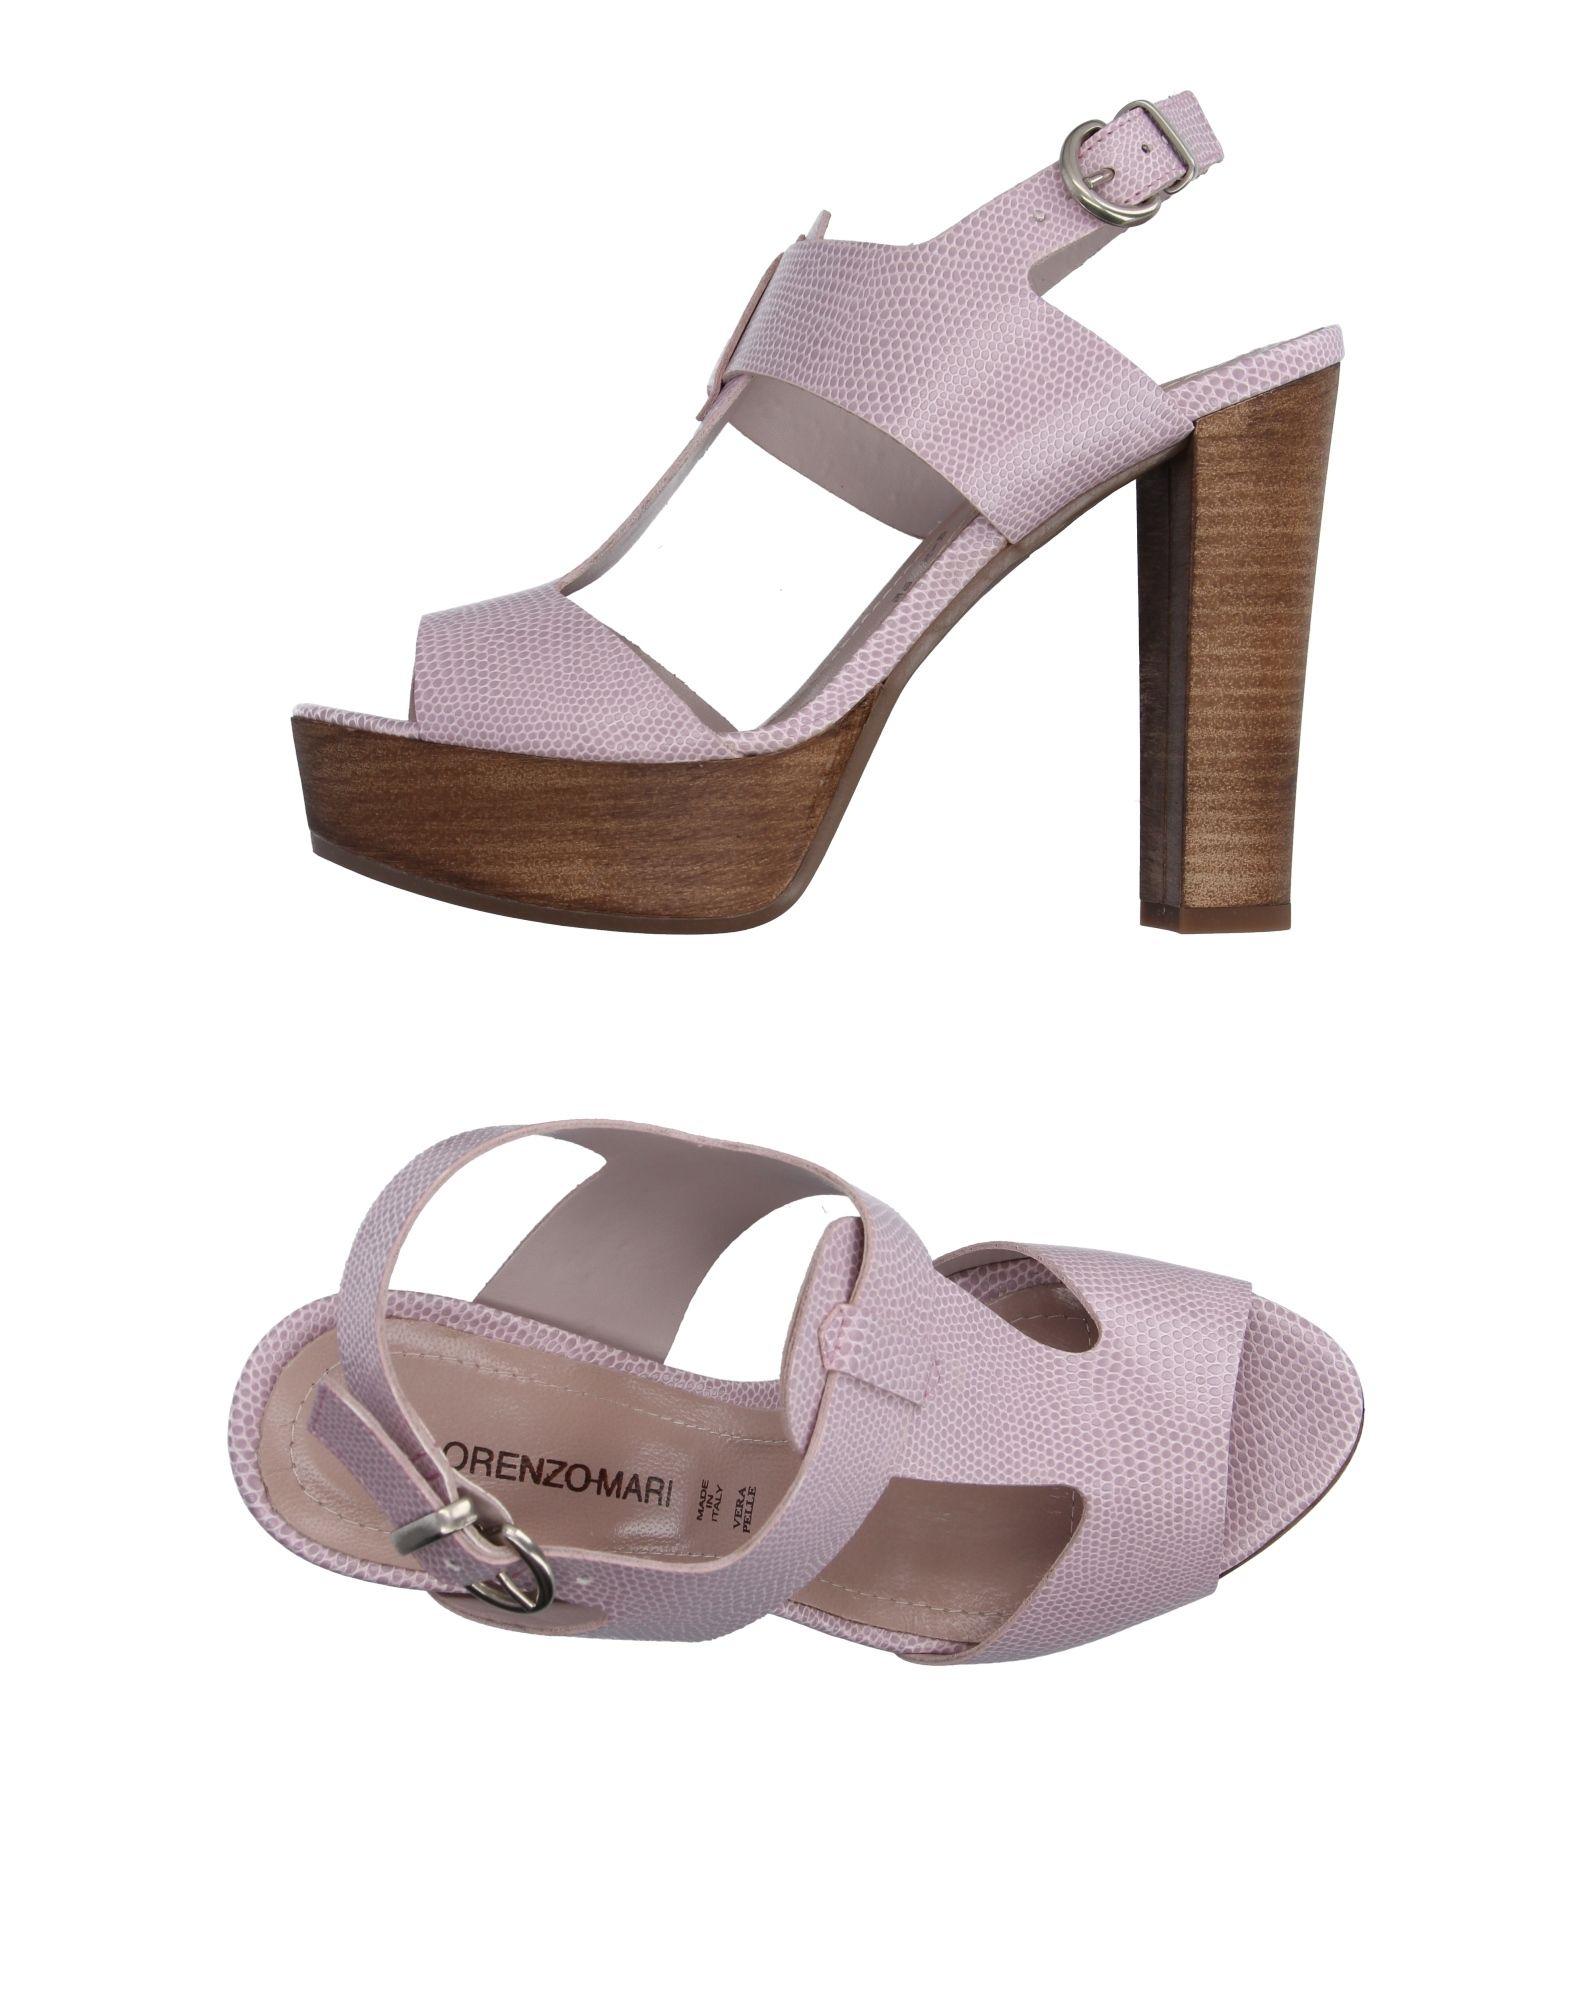 Lorenzo Mari Sandalen Damen    11107287LL Neue Schuhe a0defe